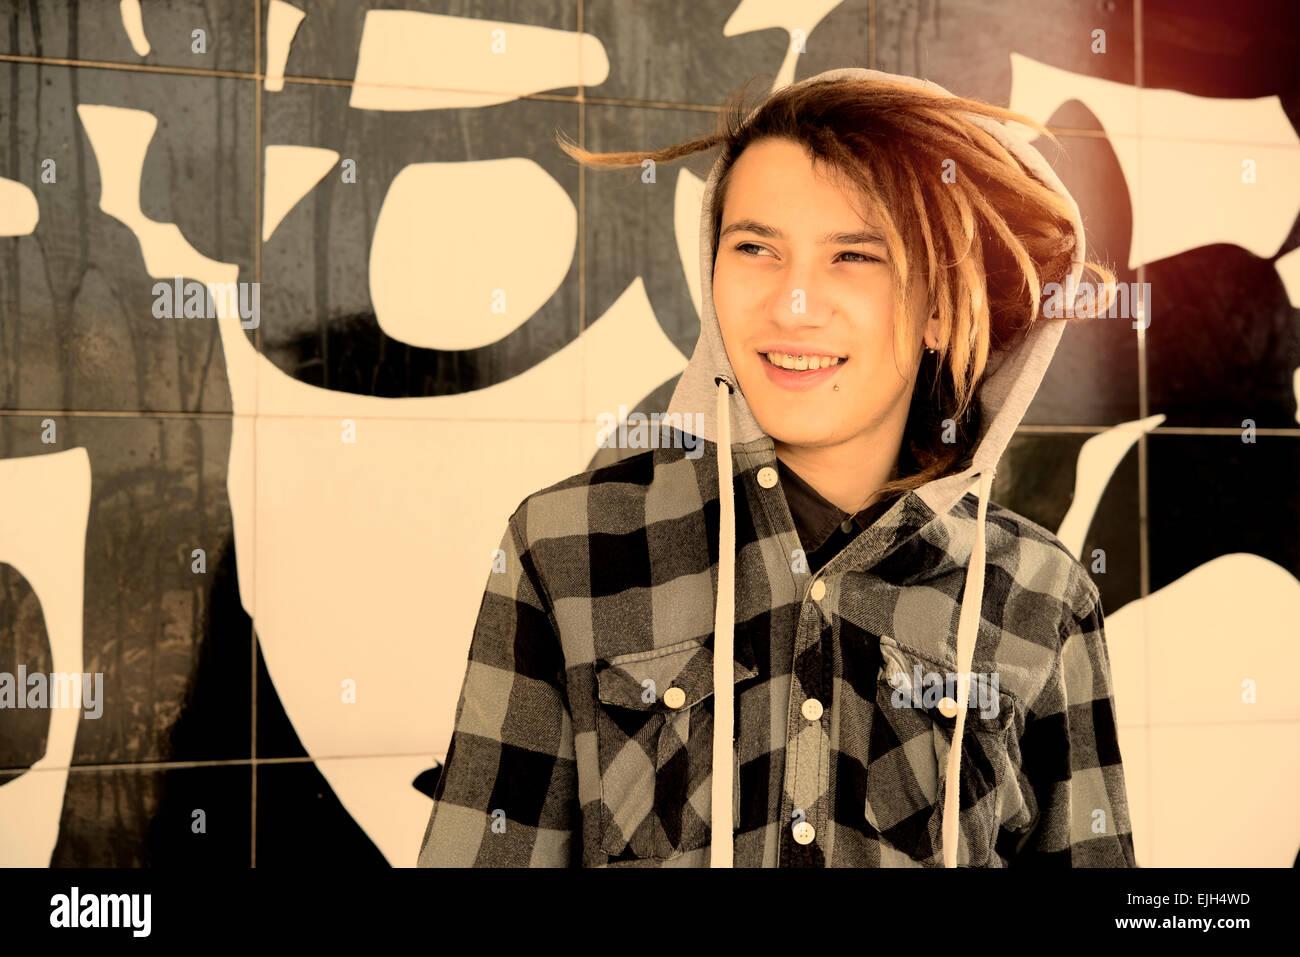 Ritratto di giovane ragazzo con capelli rasta in un concetto di stile di vita caldo filtro applicato Immagini Stock